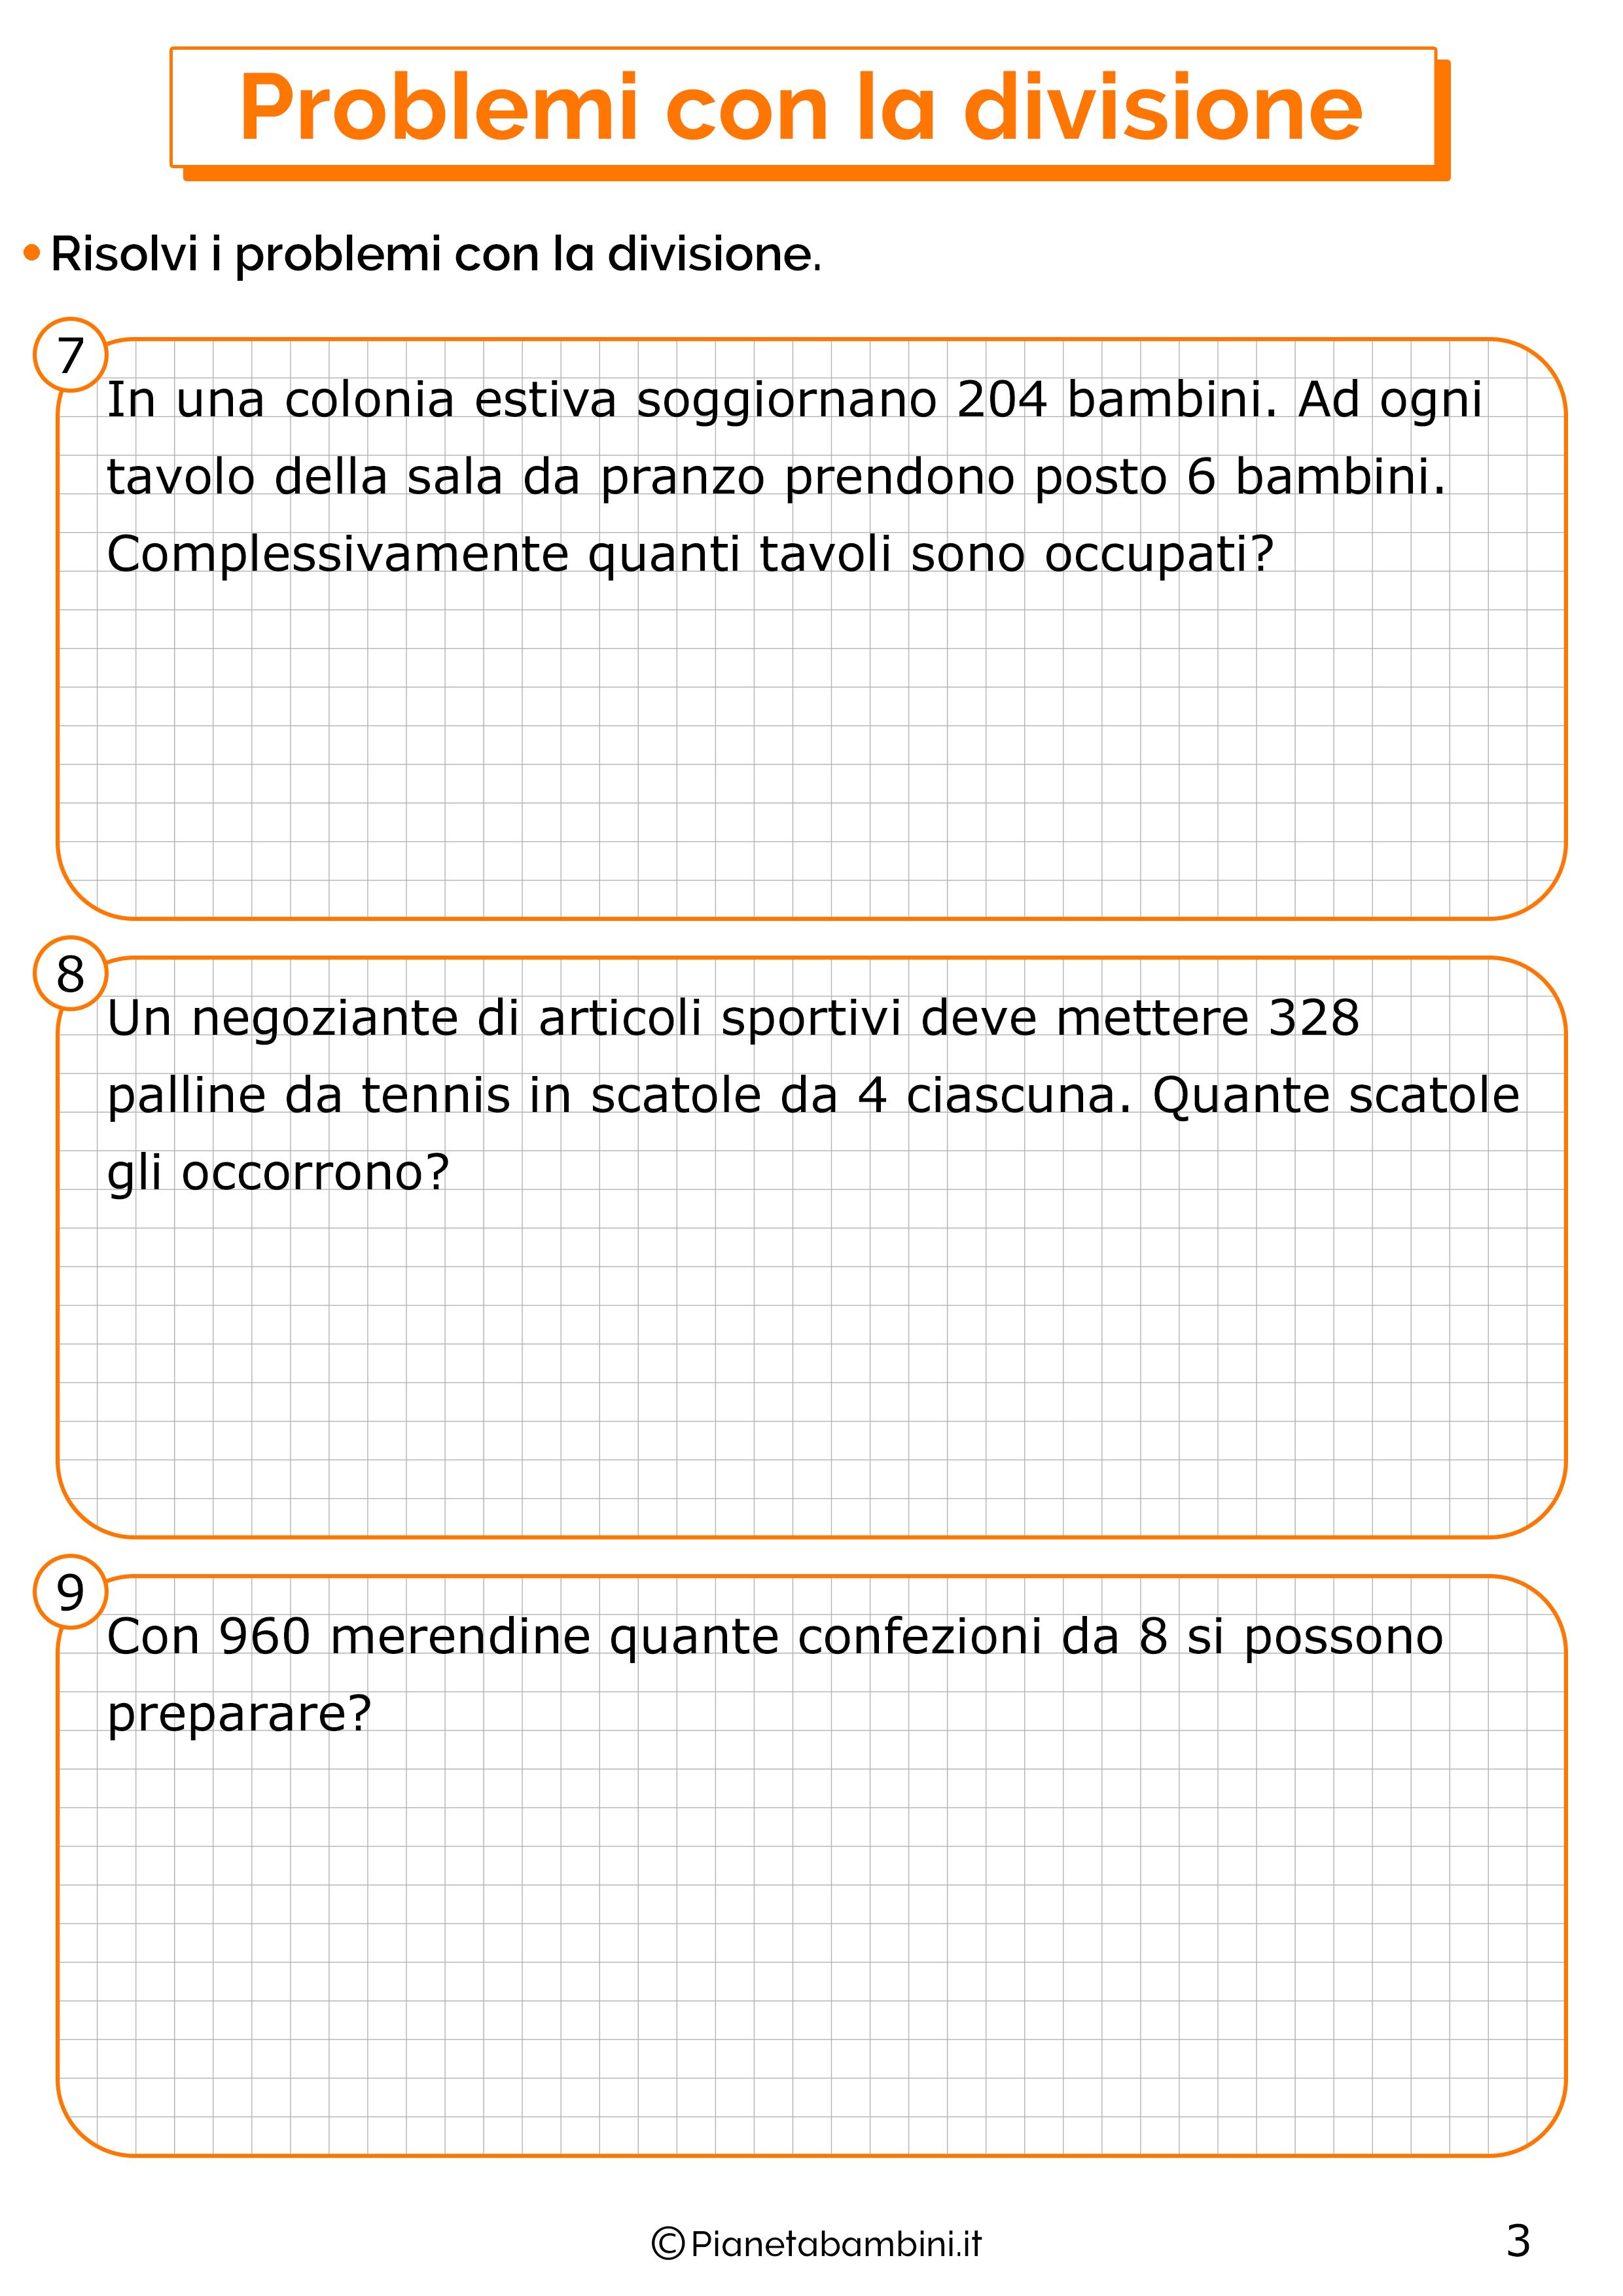 Problemi con la divisione per la classe terza 3